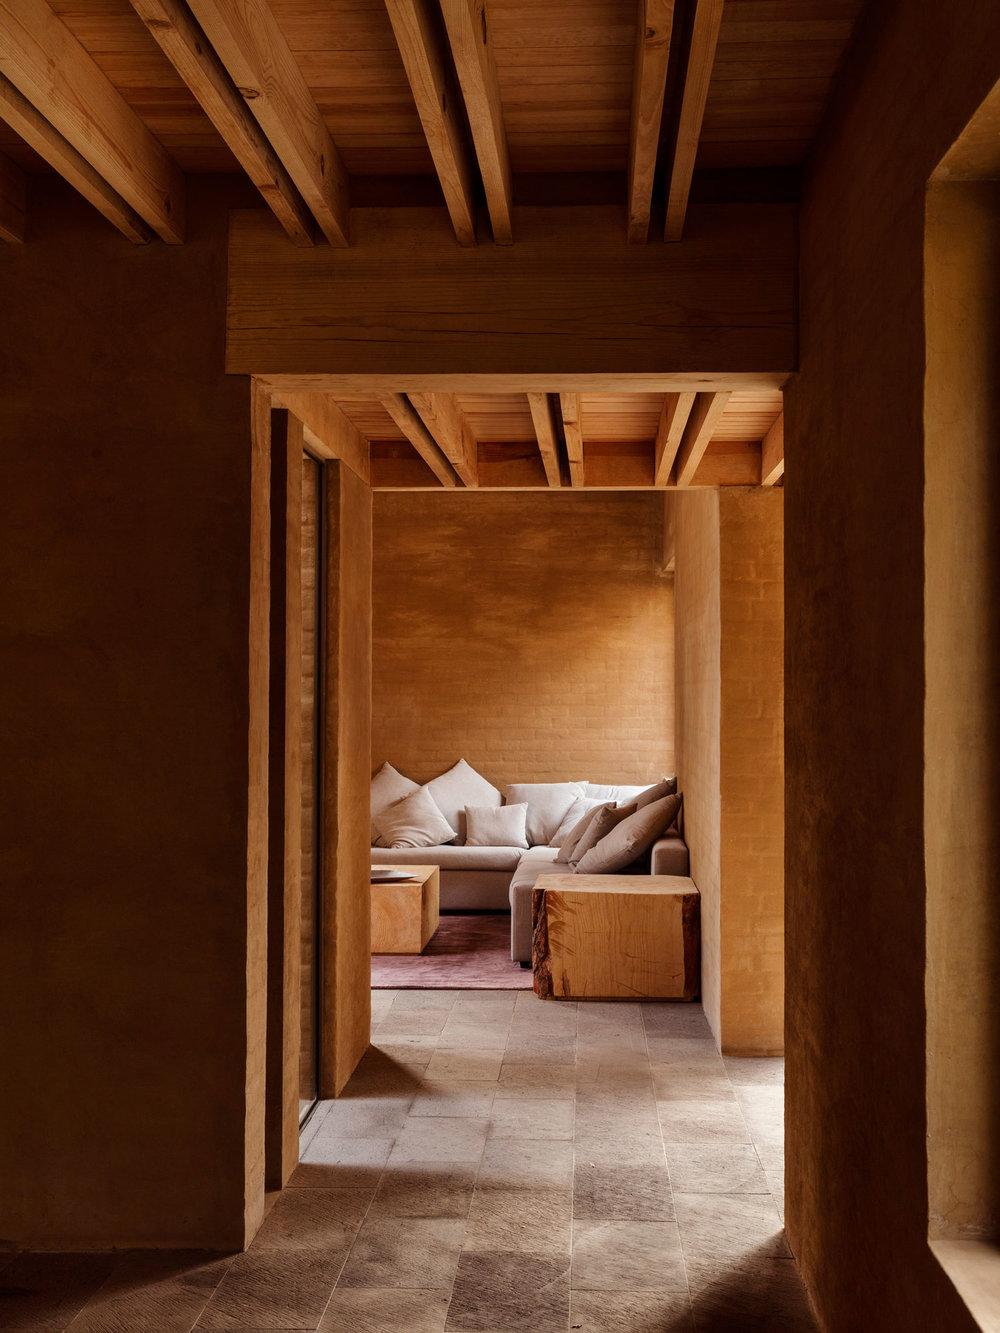 Entrepinos-Housing-in-Valle-de-Bravo-Mexico-by-Taller-Hector-Barroso-Yellowtrace-06.jpg